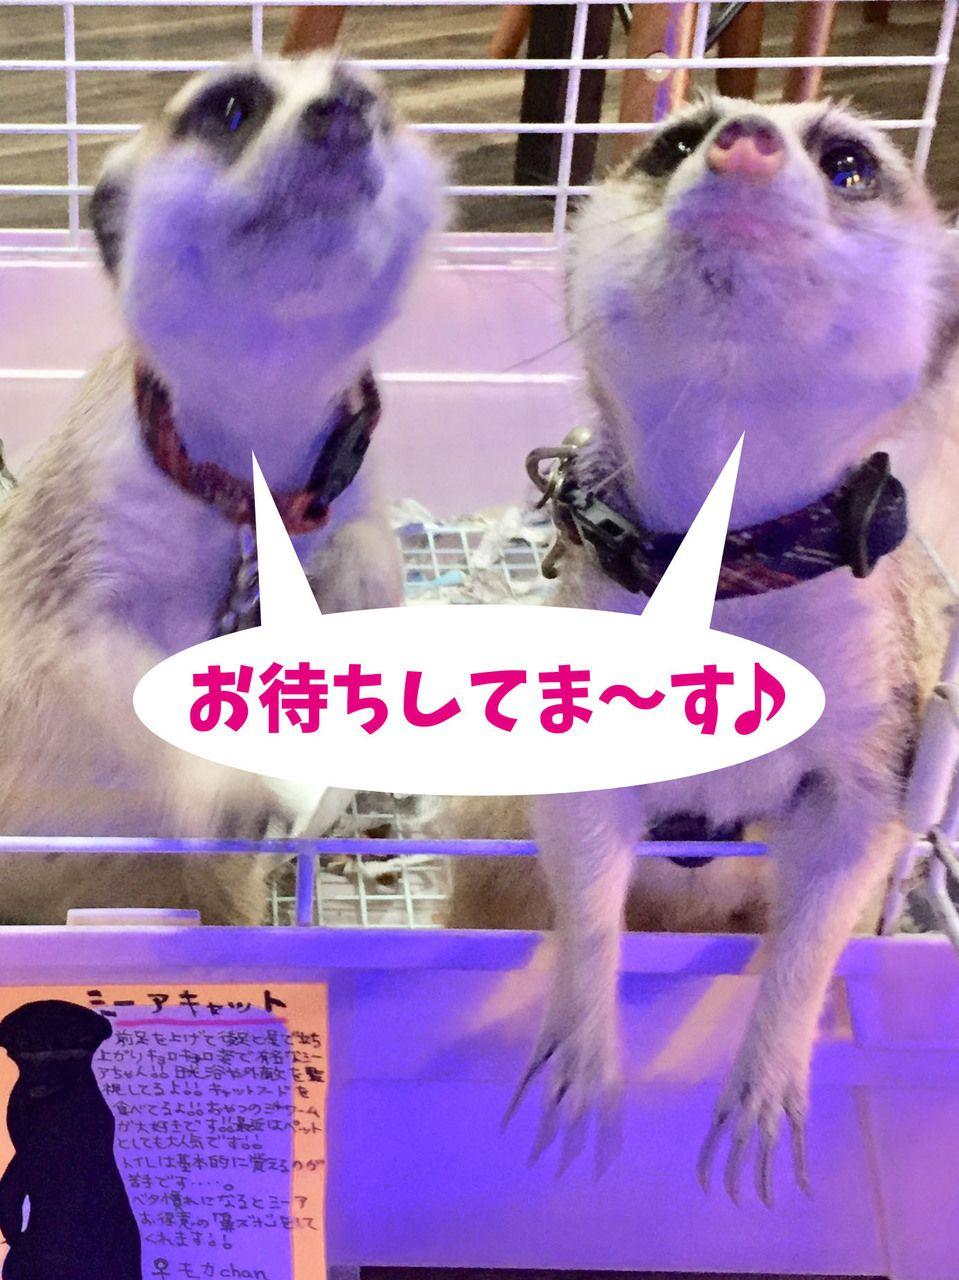 本日も元気に 爬にまるカフェ営業中 です 皆様のご来店を一同心よりお待ちしております O 詳しくは Http Hanimaru Cafe Com 74912 P 593 Fwtype Pin ミーアキャット エキゾチックアニマル 動物